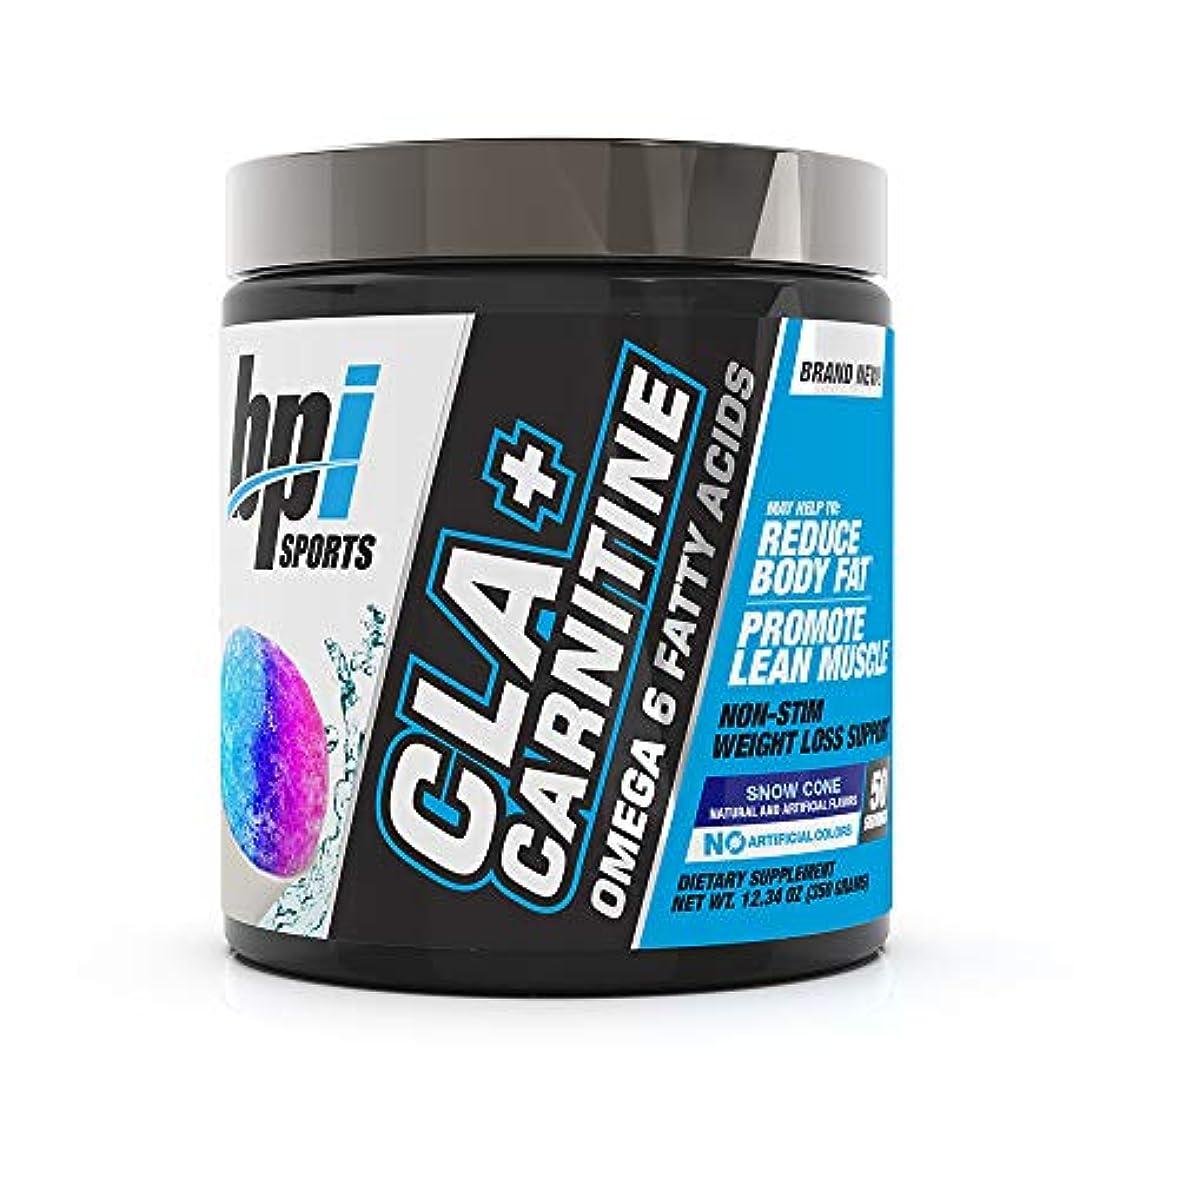 回答全能のためにCLA + カルニチン オメガ6 脂肪酸 50回分 スノーコーン味 12.34 oz(350g)